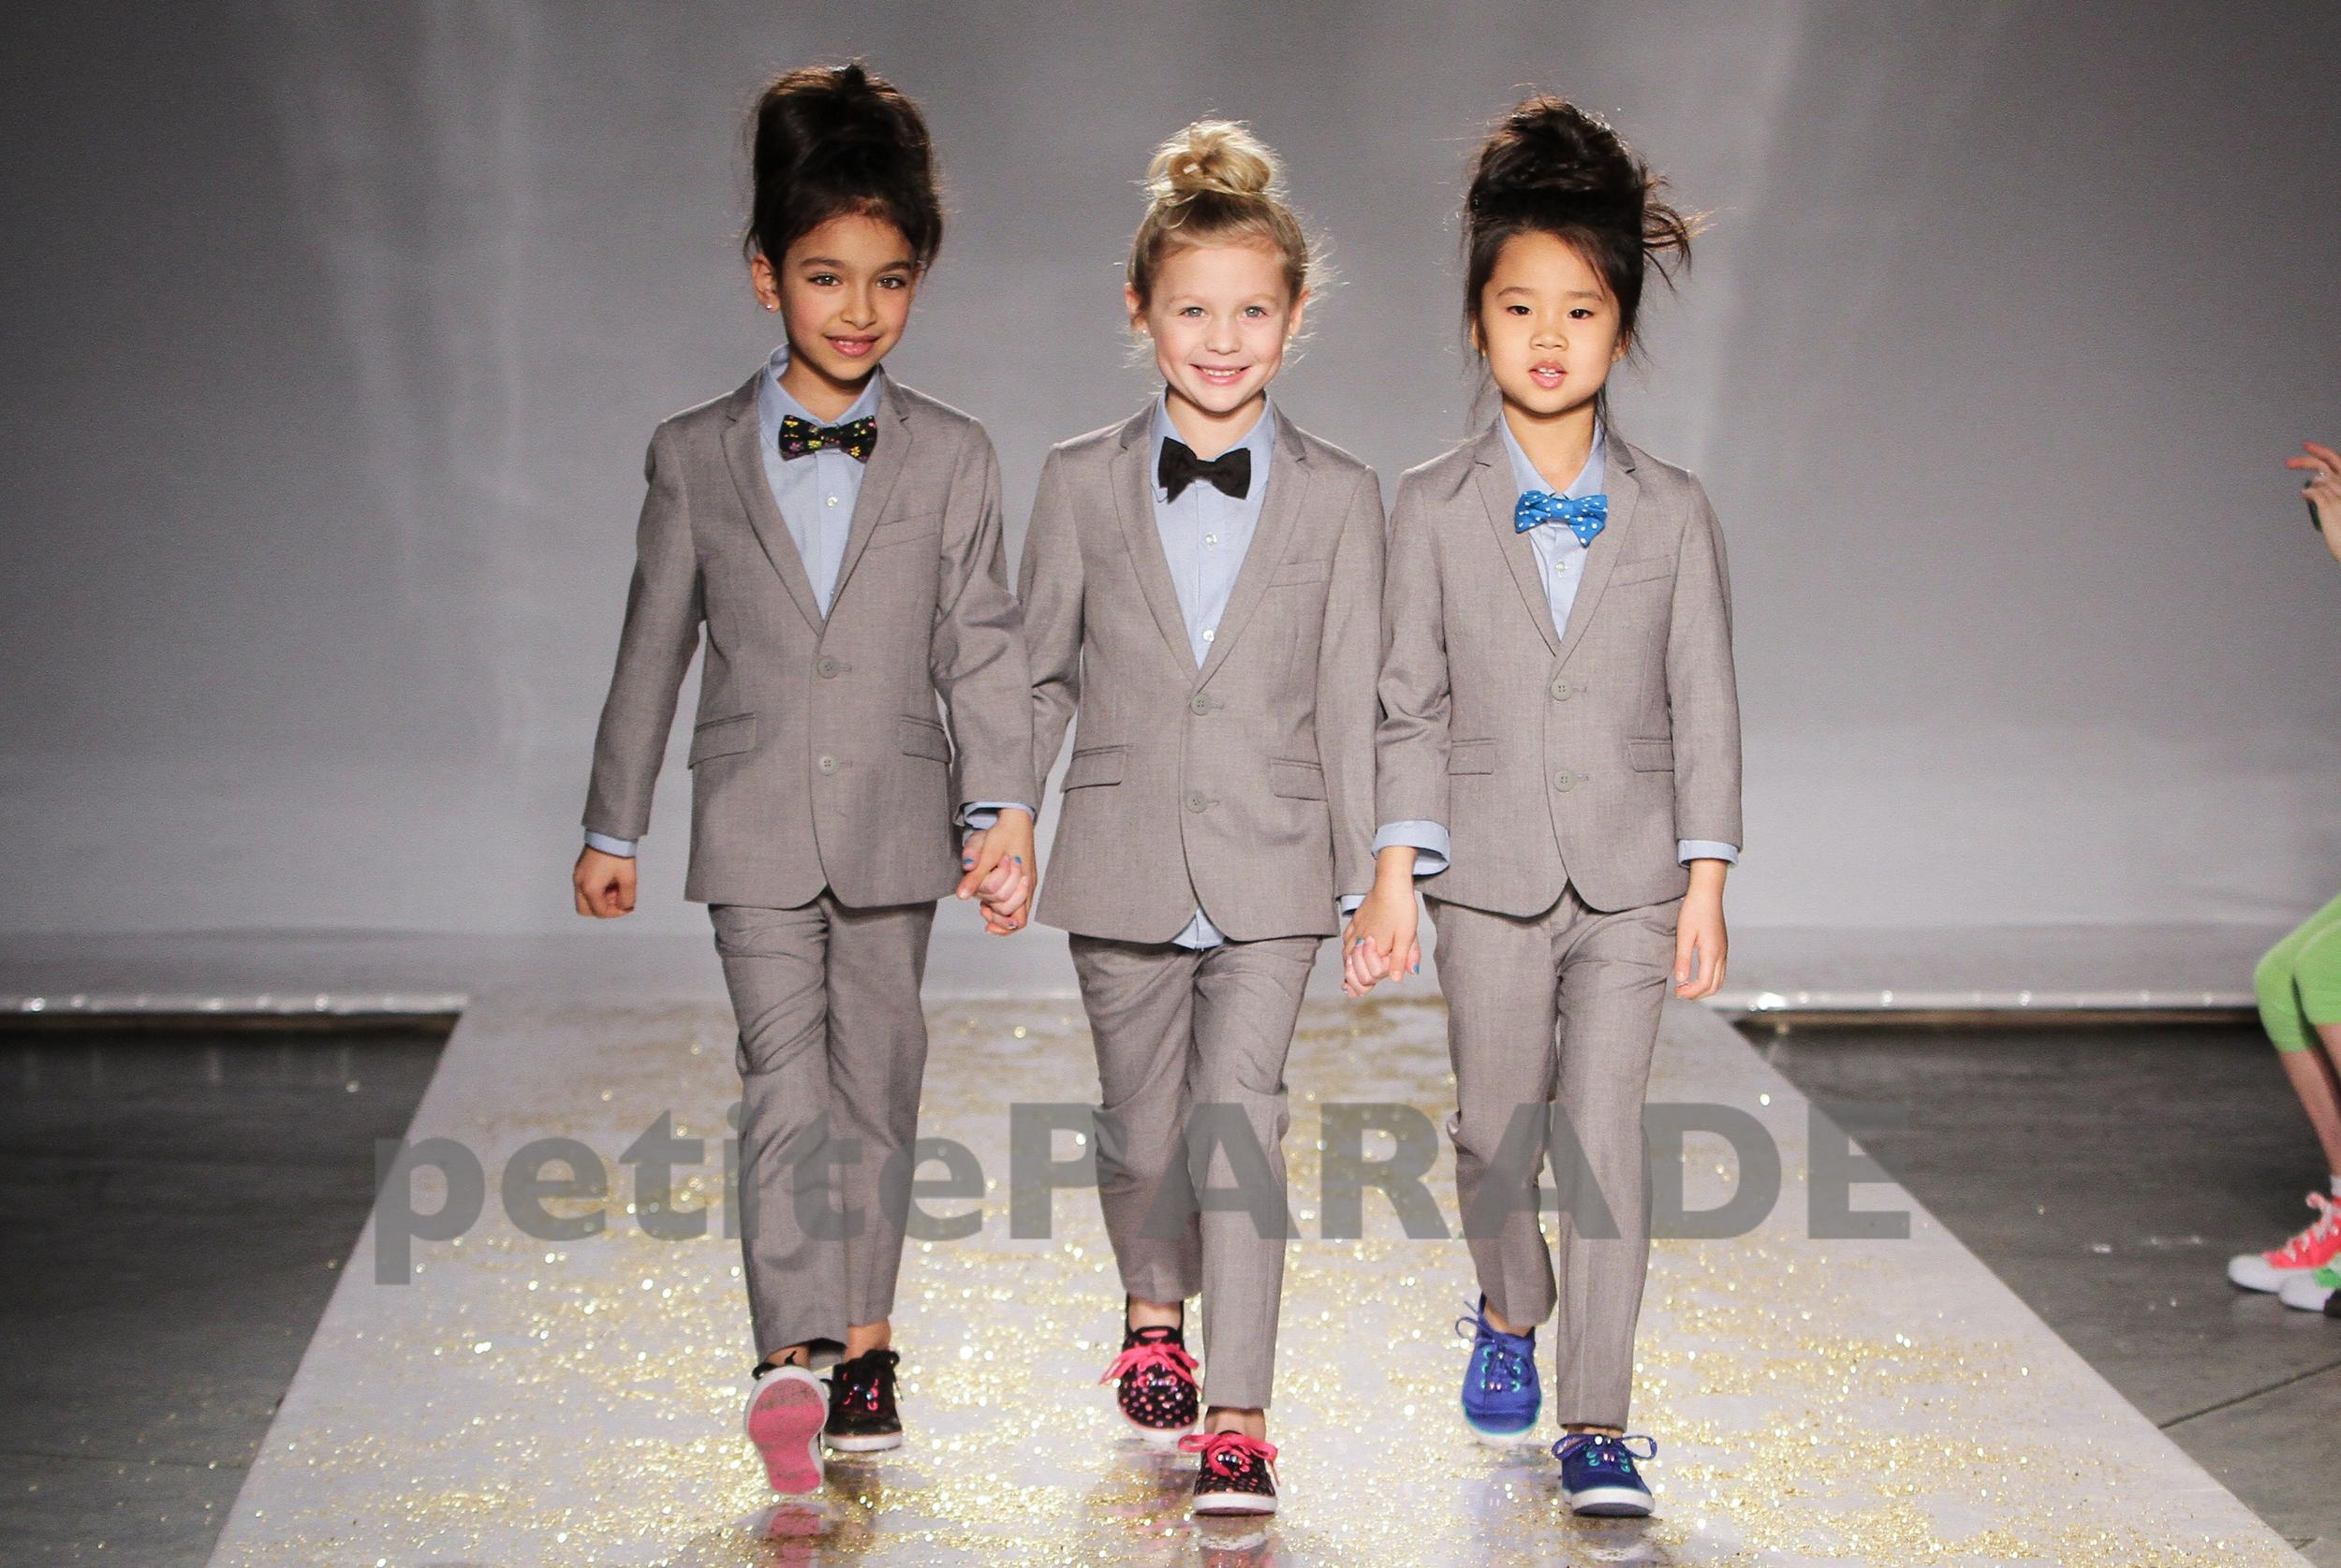 Stride Rite Children's Group